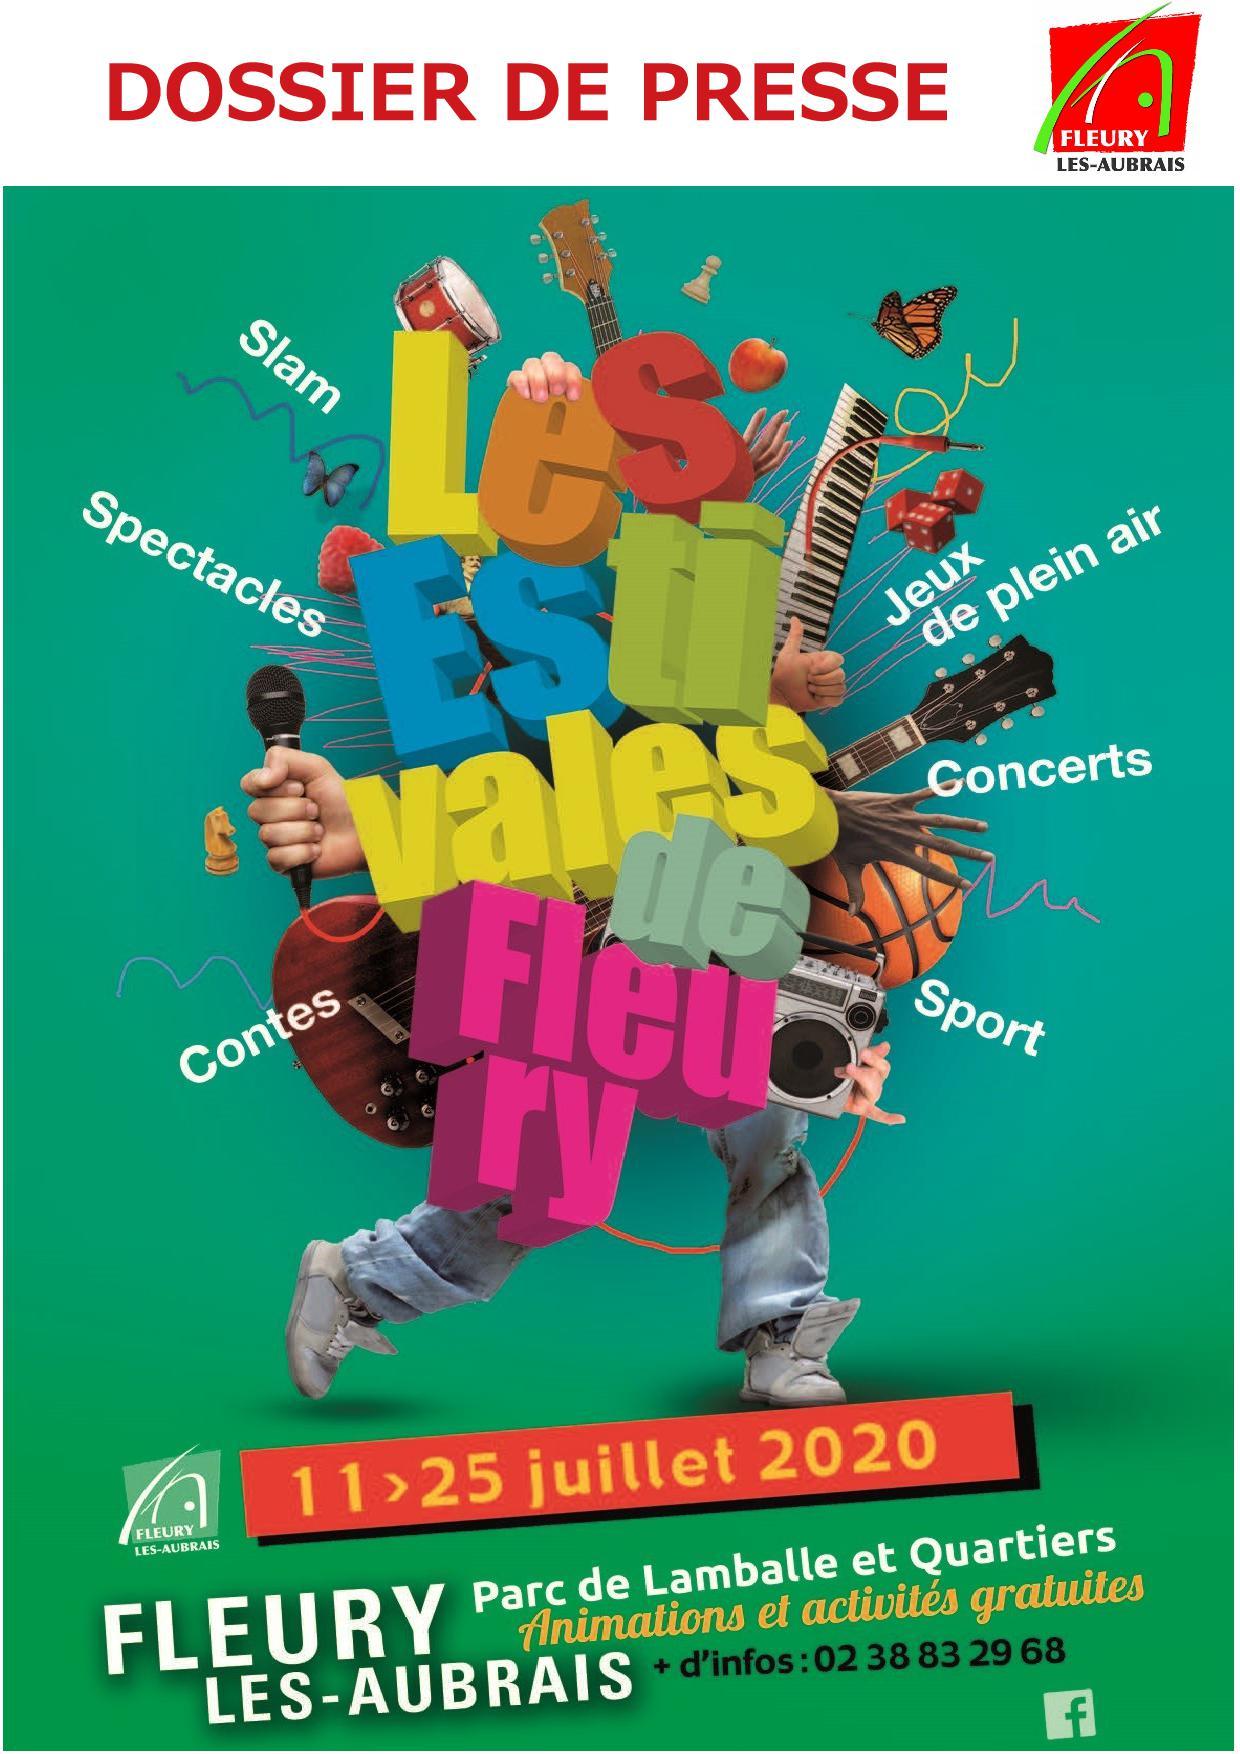 Dossier de presse - Les Estivales de Lamballe 20201.jpg